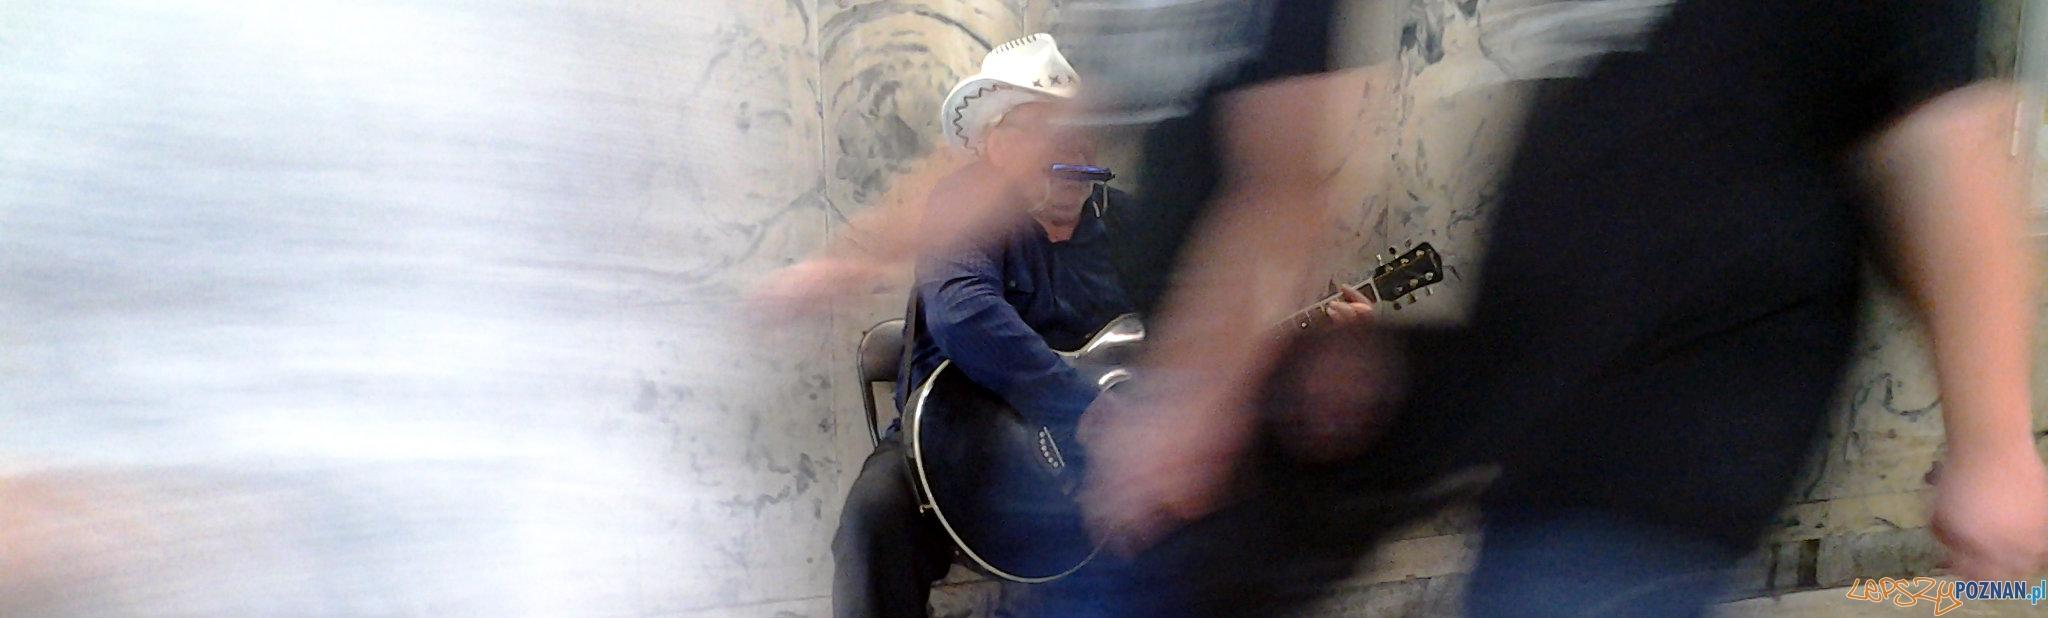 Pan Tadeusz - muzyk uliczny